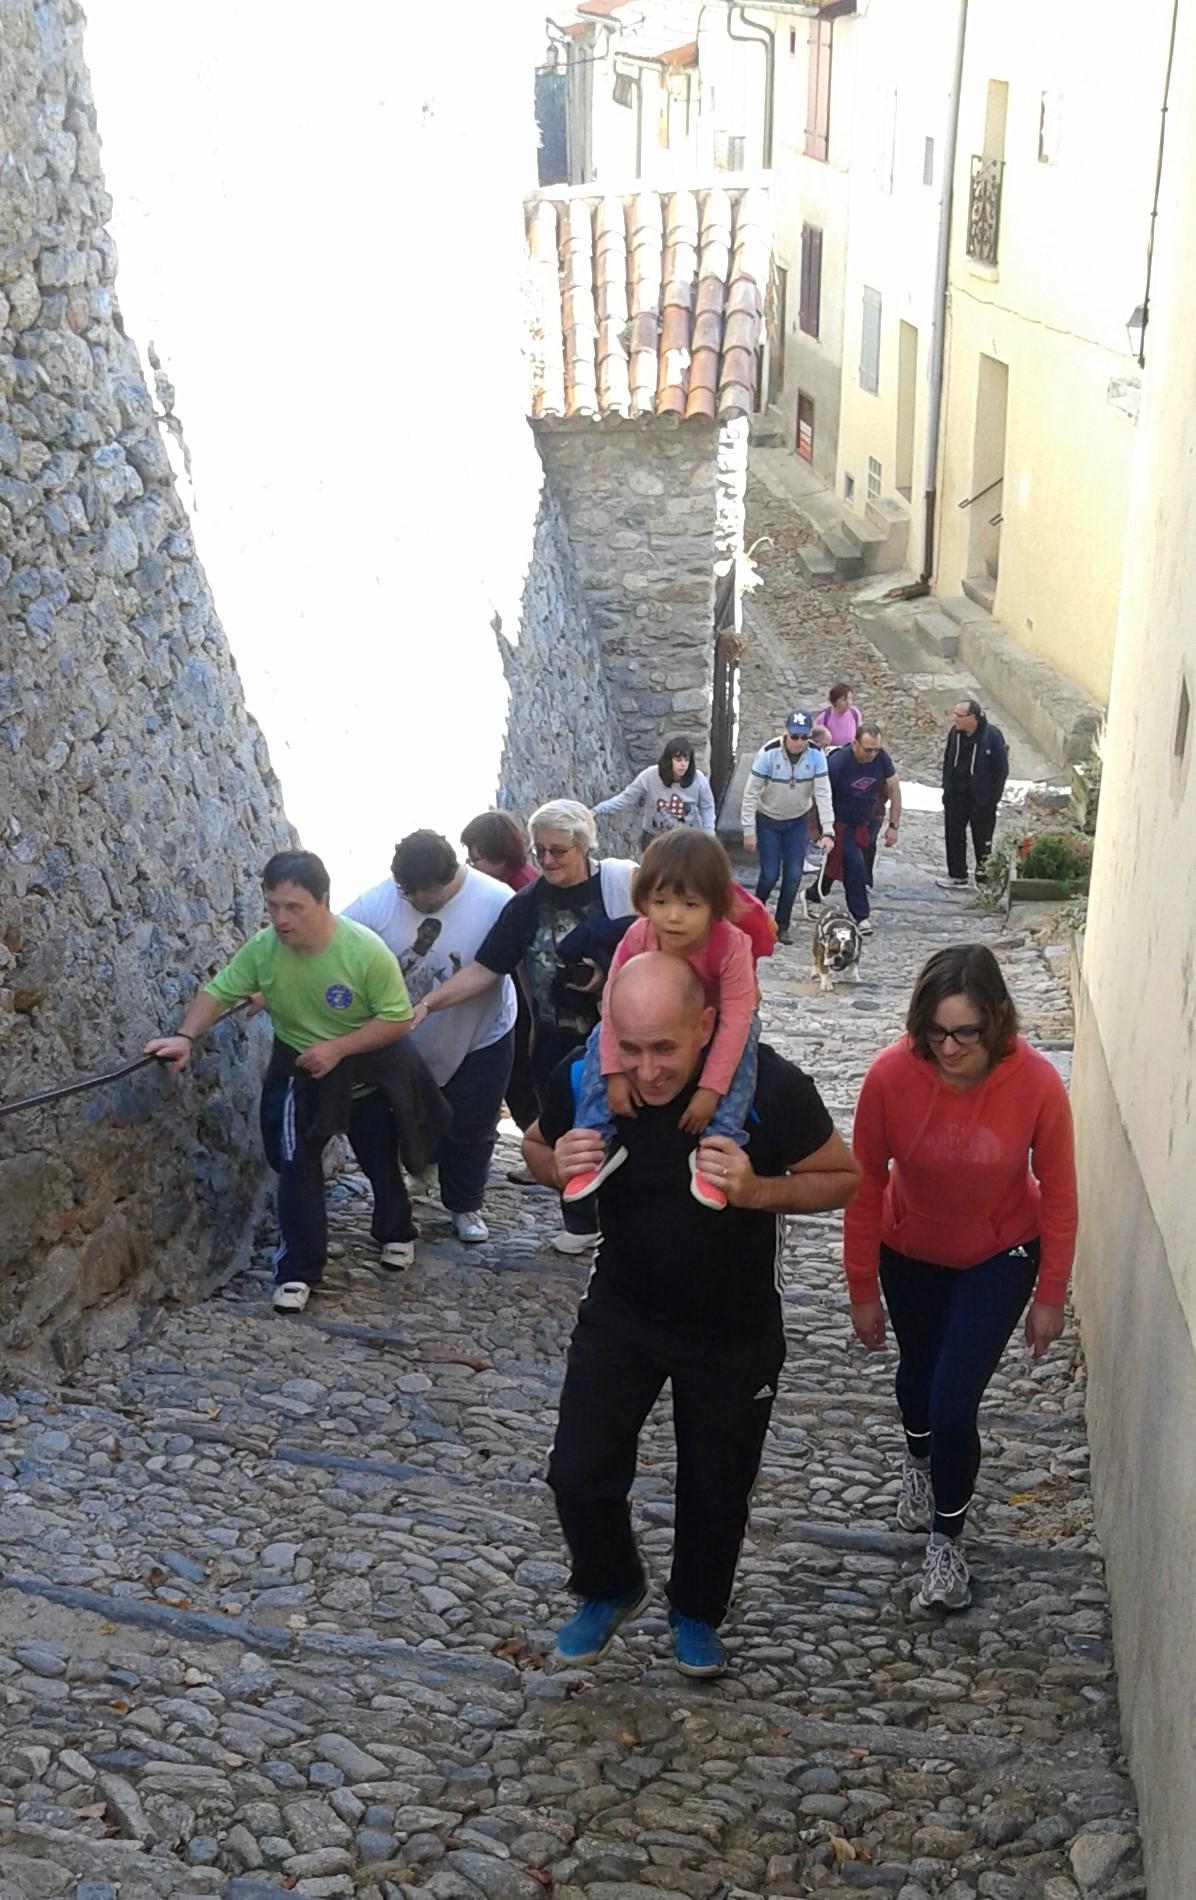 Journée sportive handi-valide à Prats de Mollo, octobre 2017